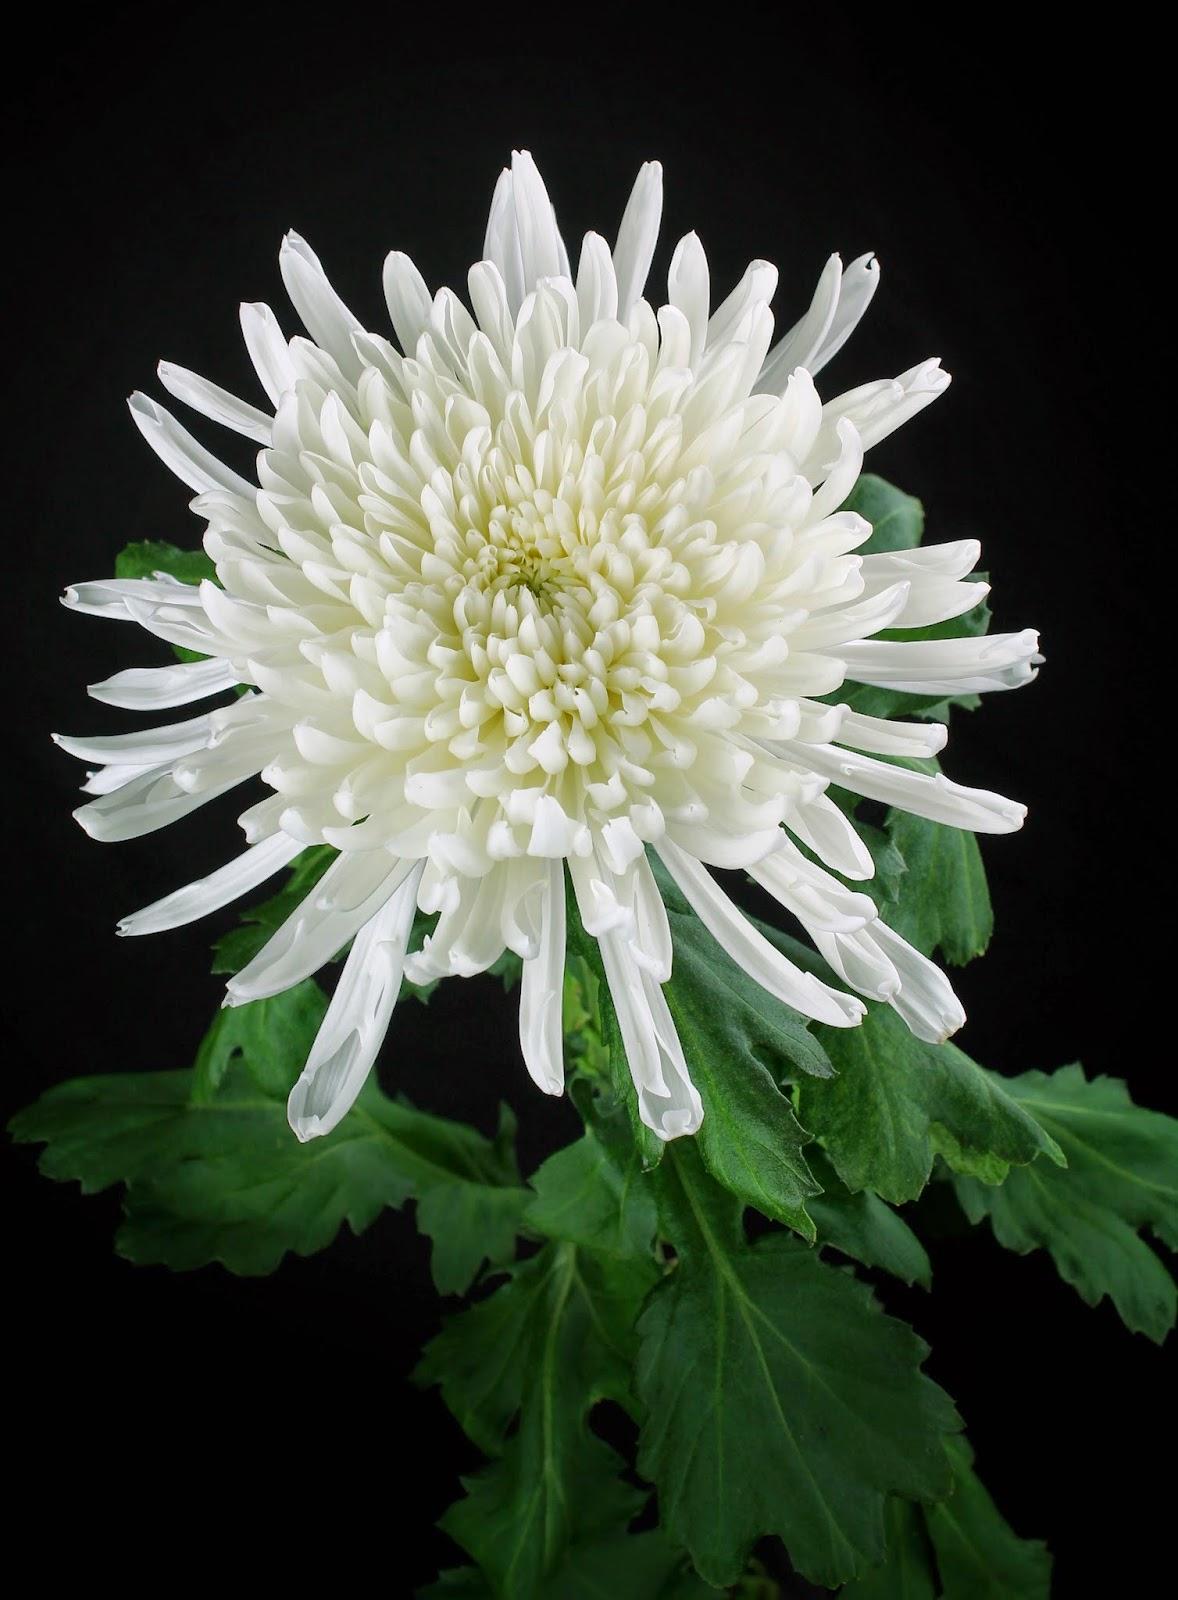 Imagenes De Centros De Flores Para Difuntos - Día de los Muertos: así se vive esta fecha en Perú (FOTOS